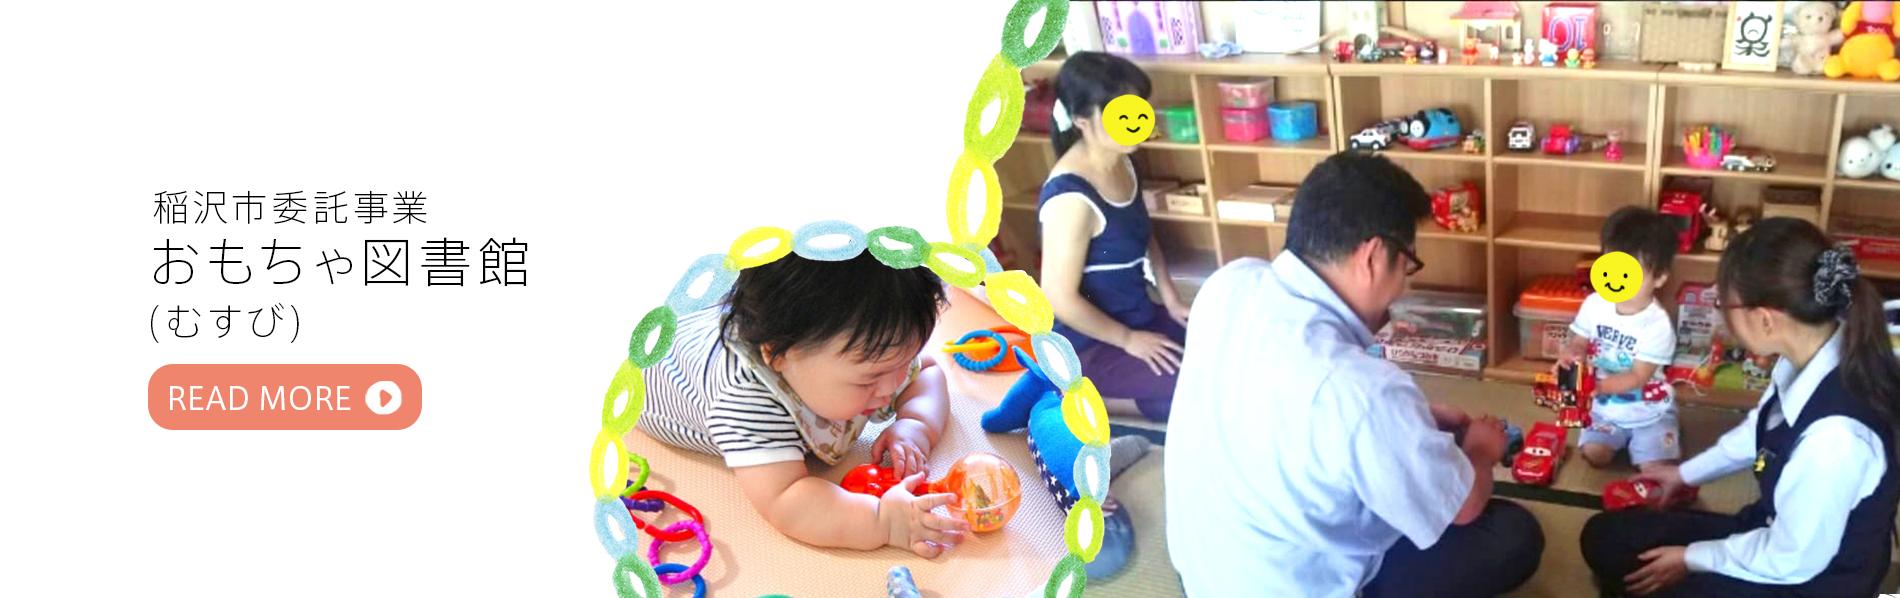 児童館でおもちゃを使って遊ぶ子ども